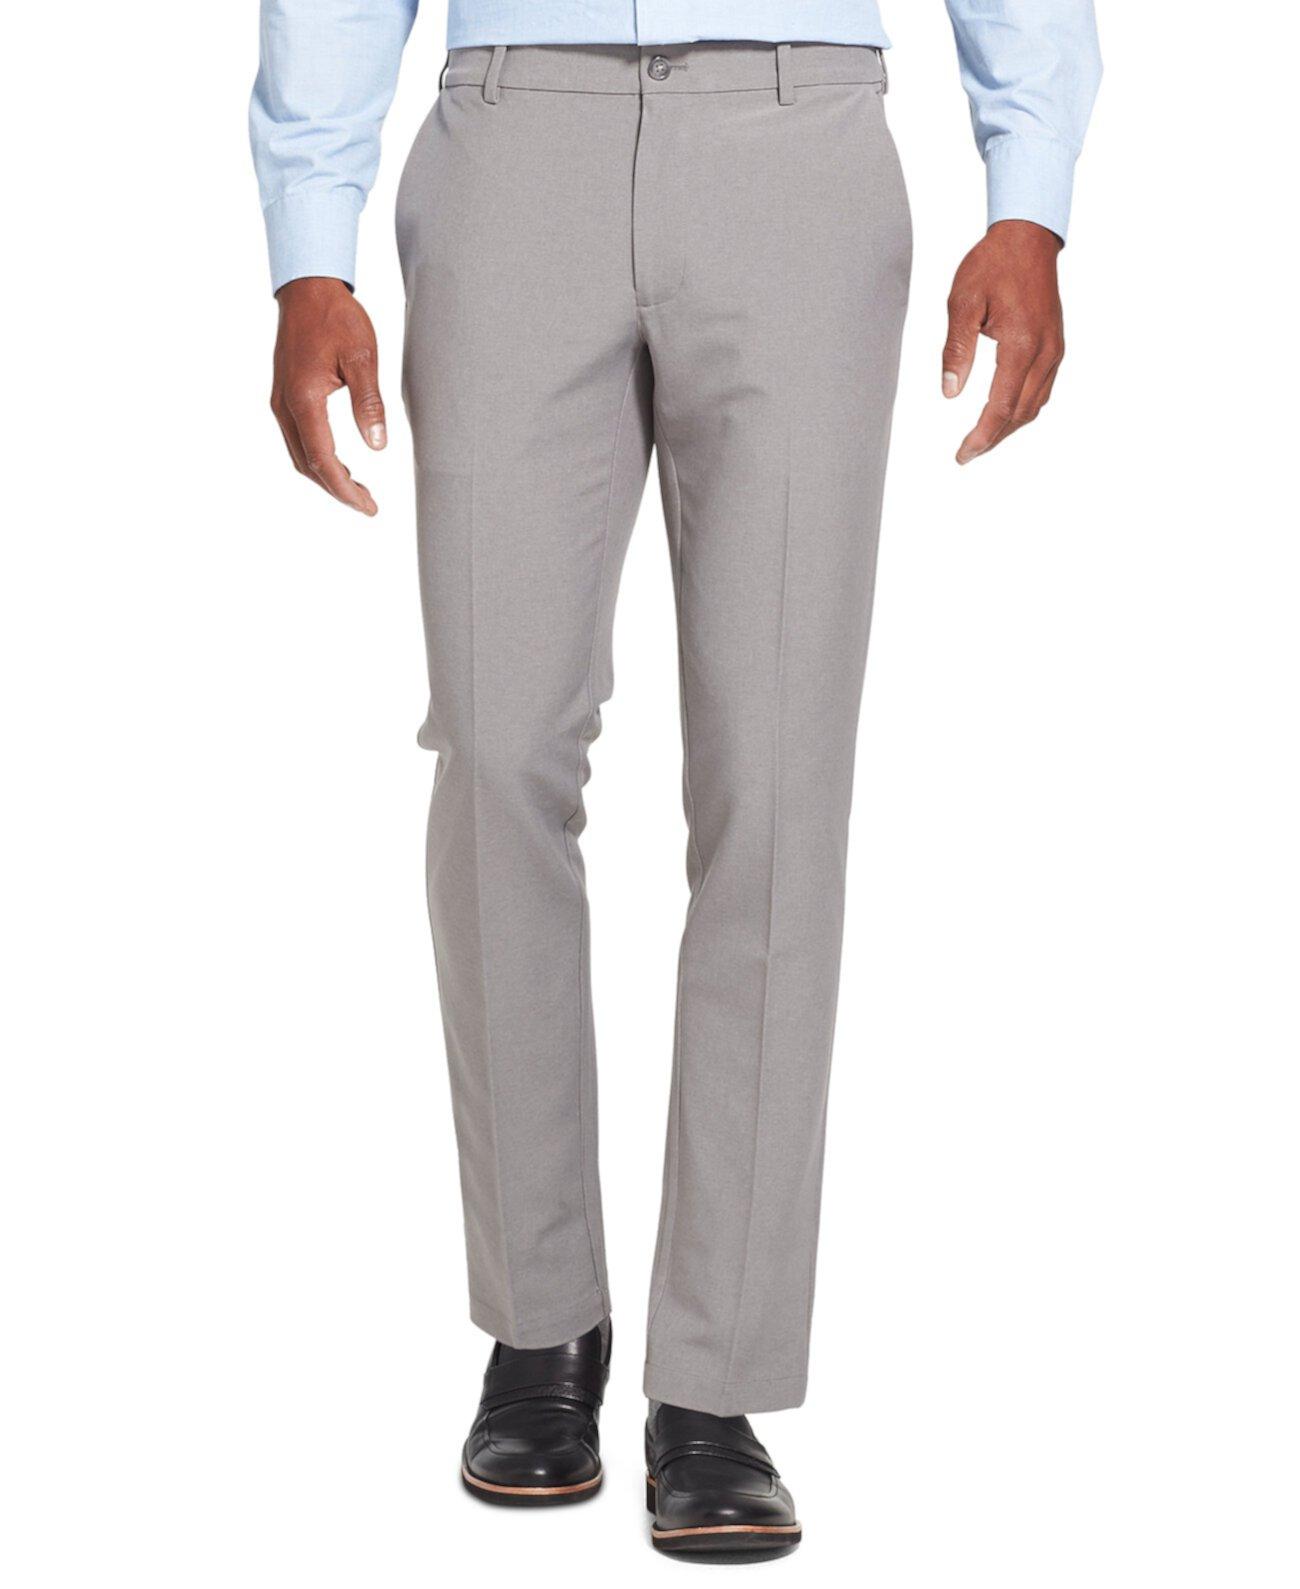 Мужские Flex 3 Slim-Fit 4-полосные рабочие эластичные не железные плоские передние брюки Van Heusen